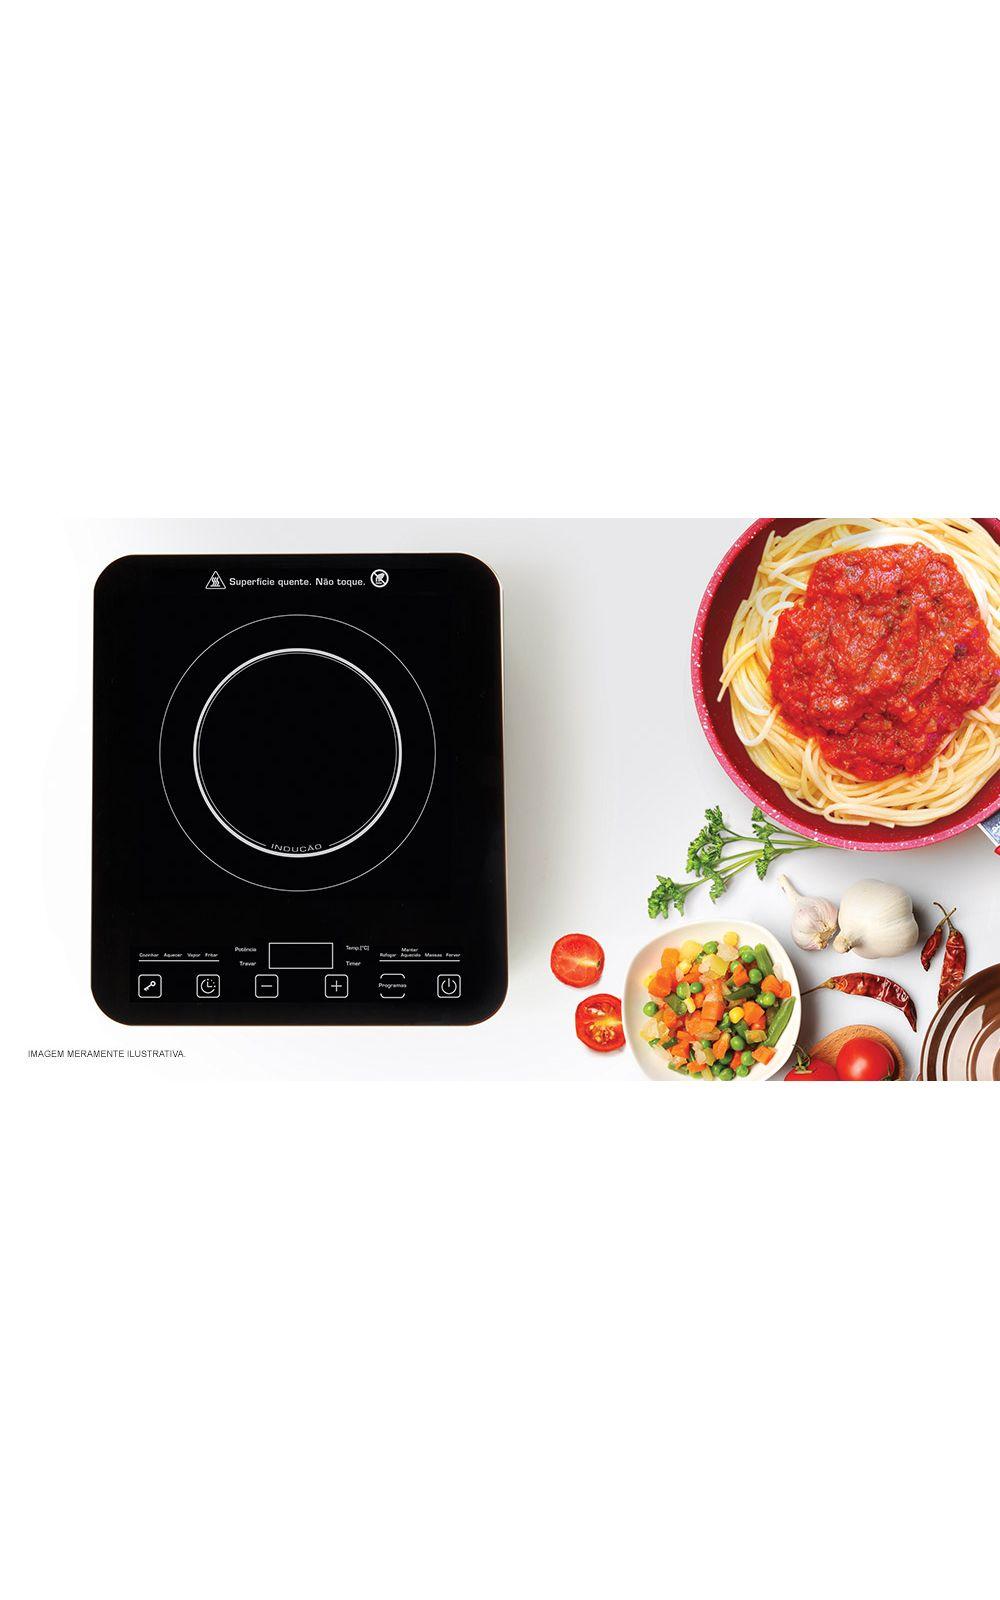 Foto 3 - Cooktop por Indução Gourmet Touch Polishop